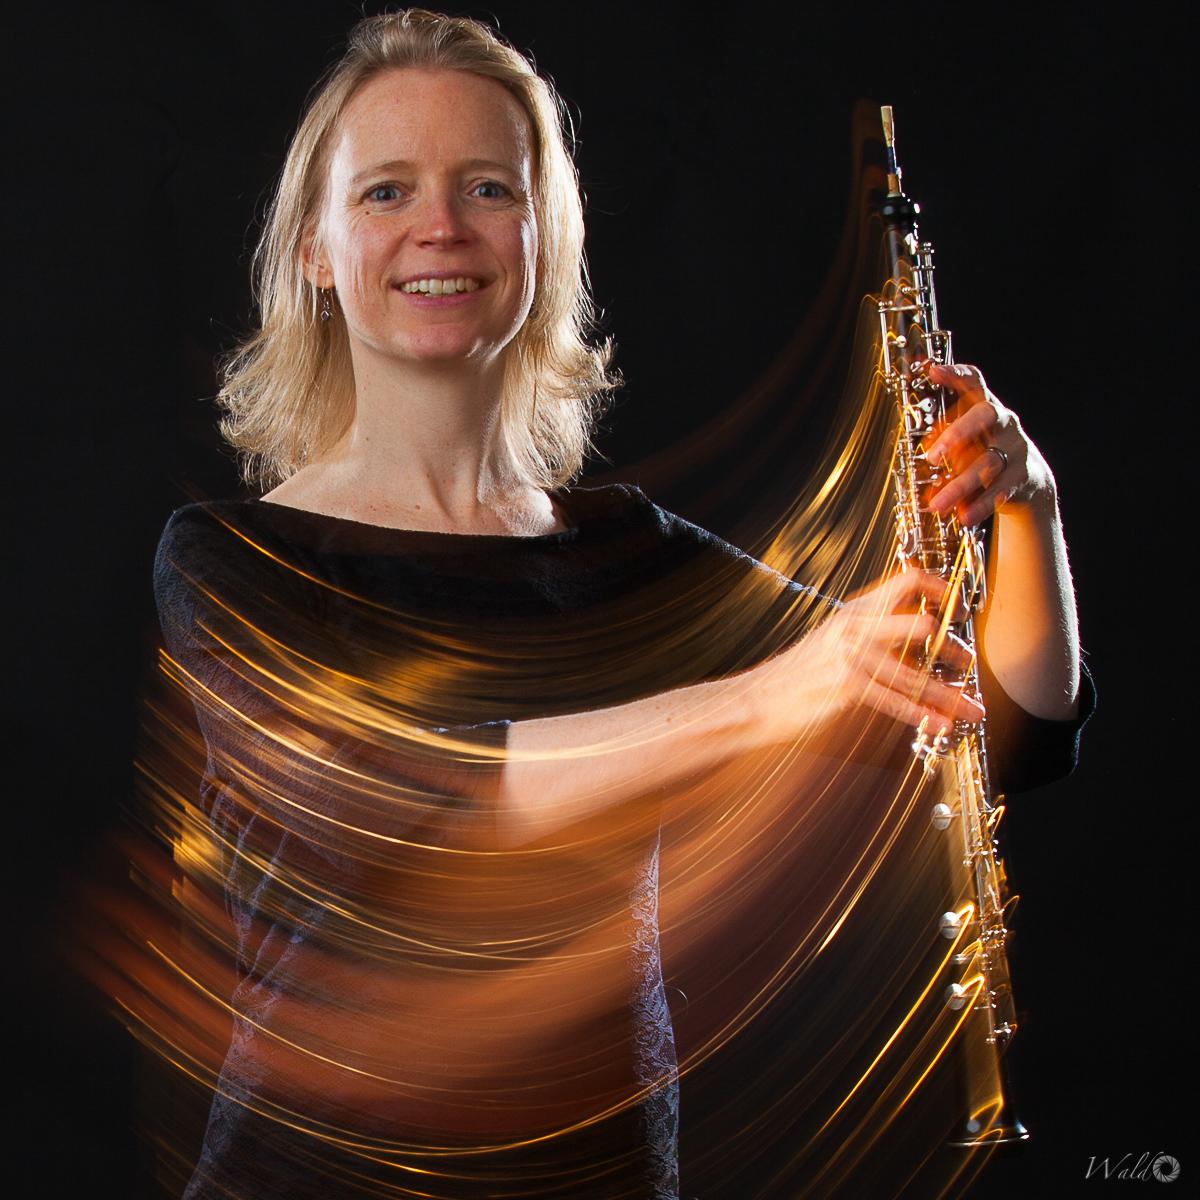 Erna de Koniing, Oboe